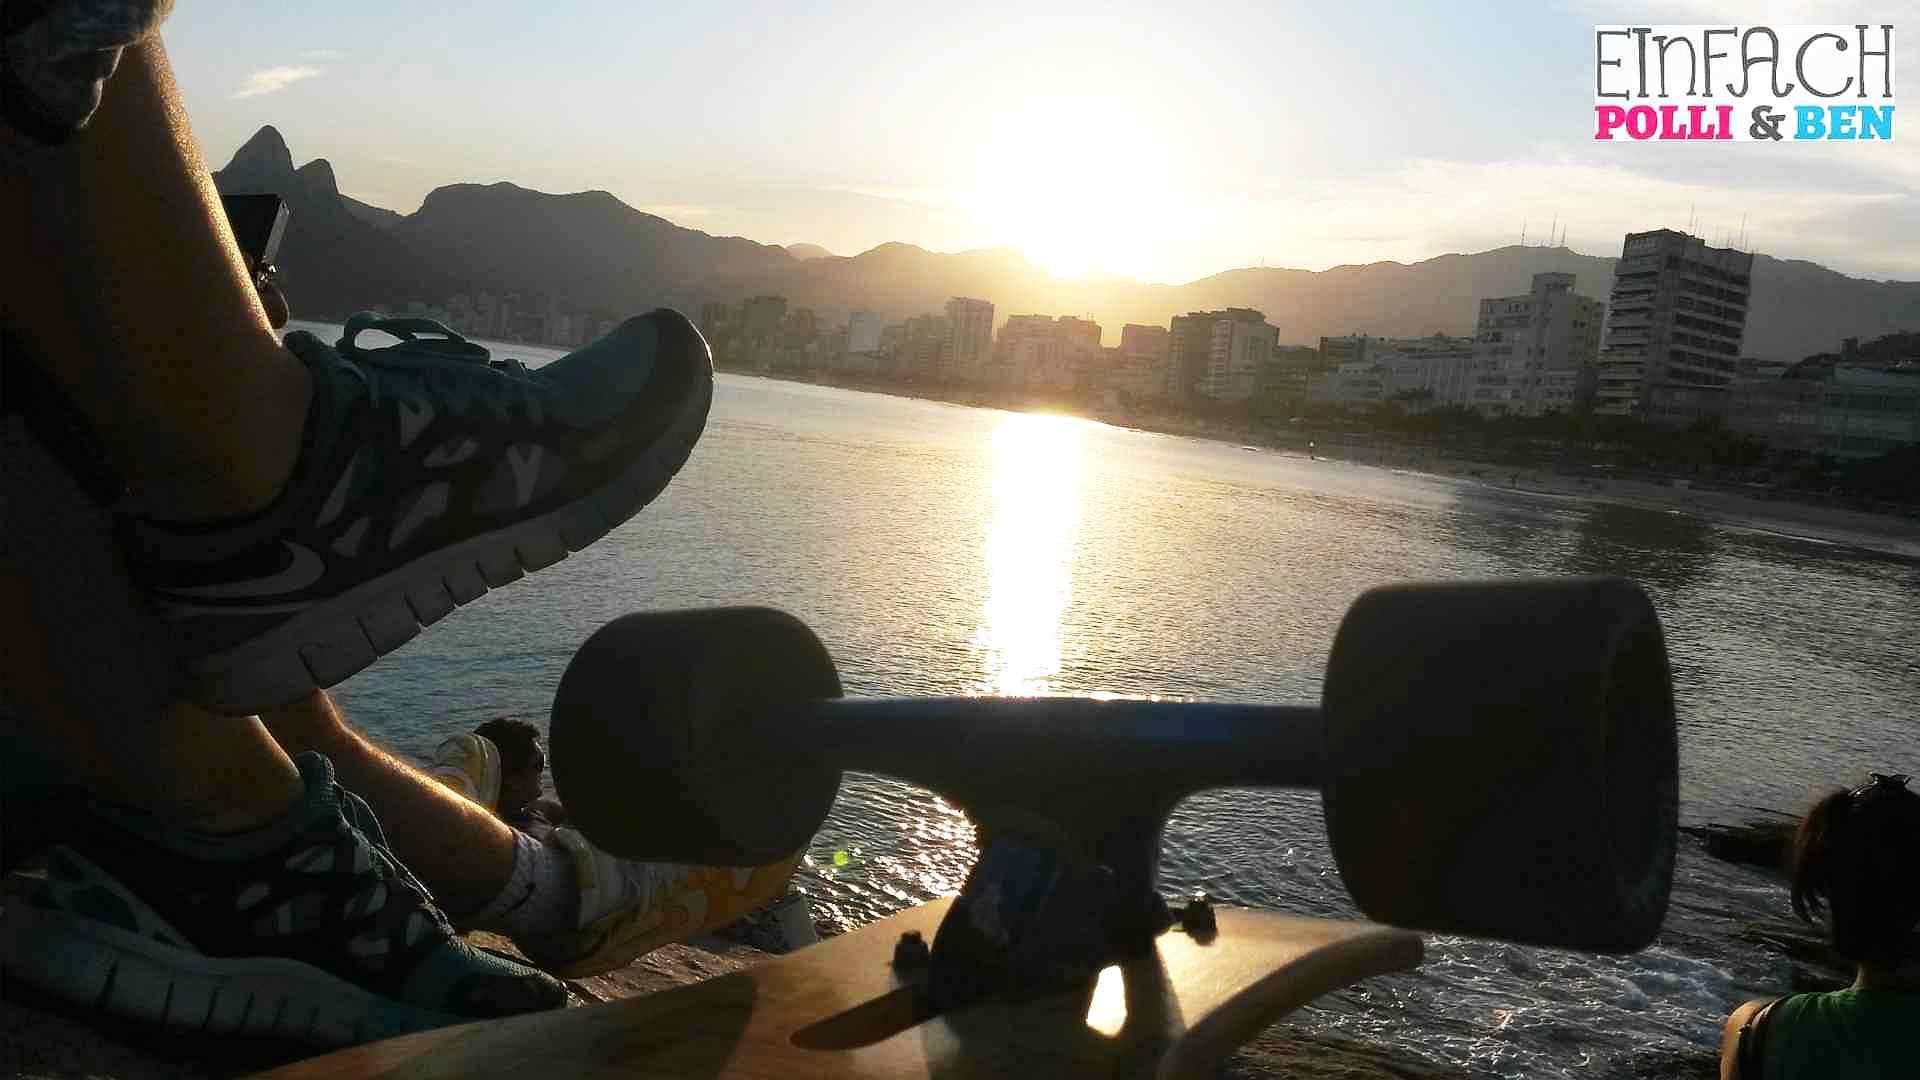 Sonnenuntergang Skaten Nike Arpoador Sneaker Your Life Chill